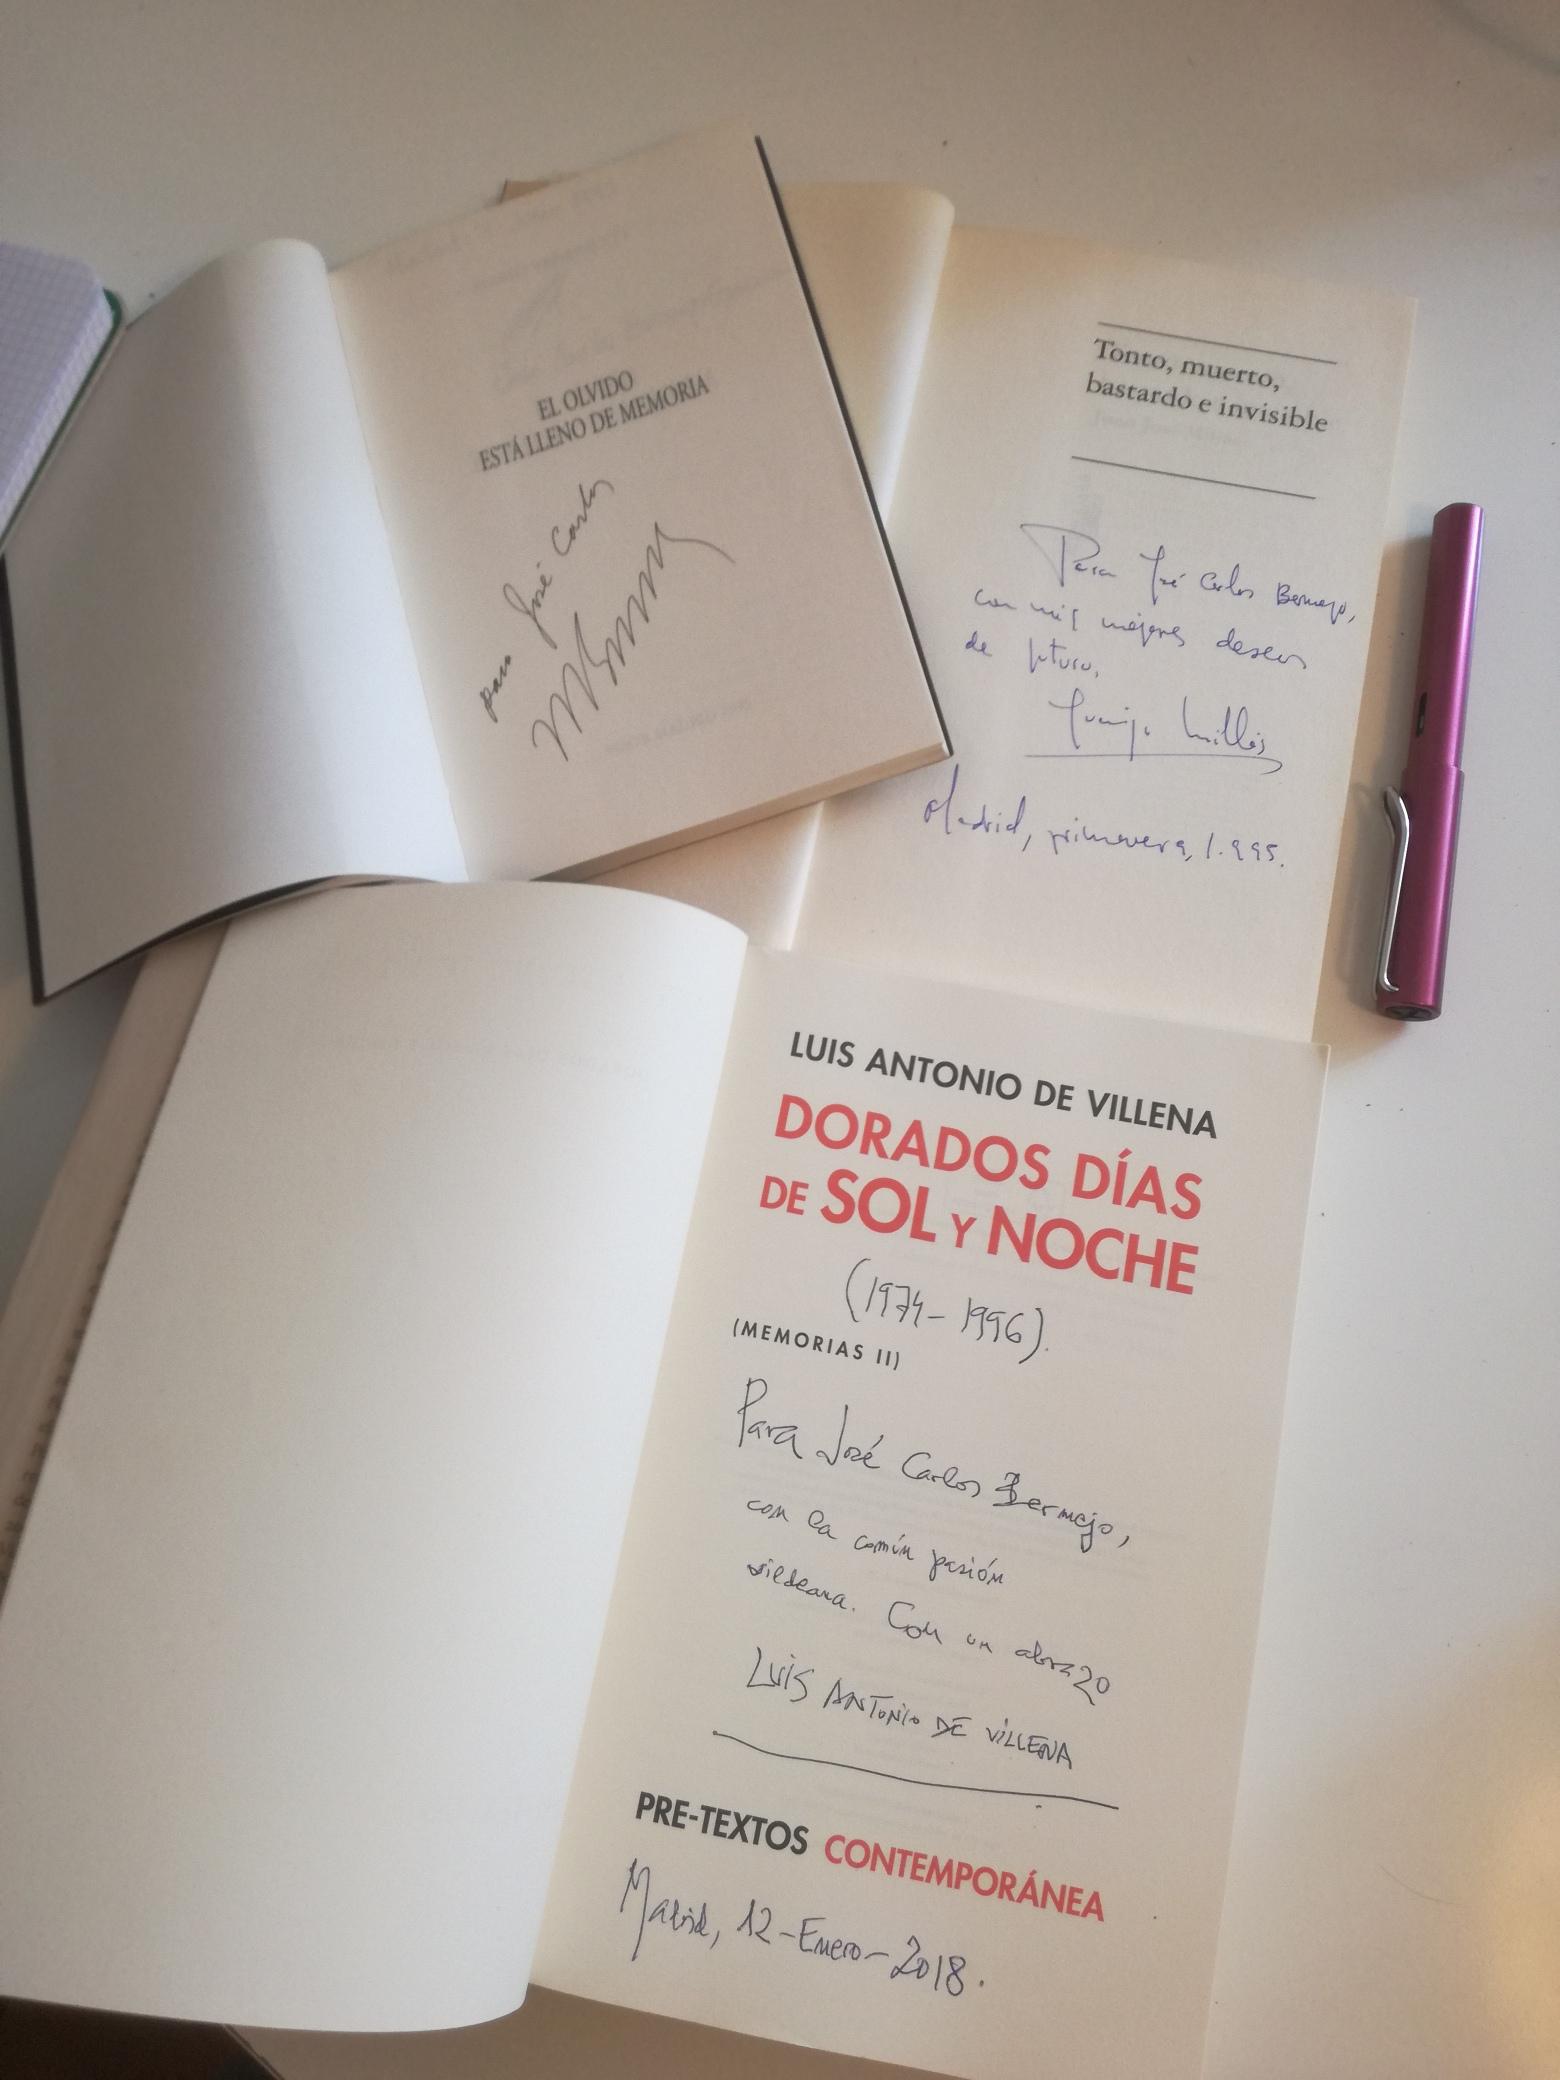 Firmas de autores conocidos en el Día del Libro: Juan José Millás, Luis Antonio de Villena y Mario Benedetti